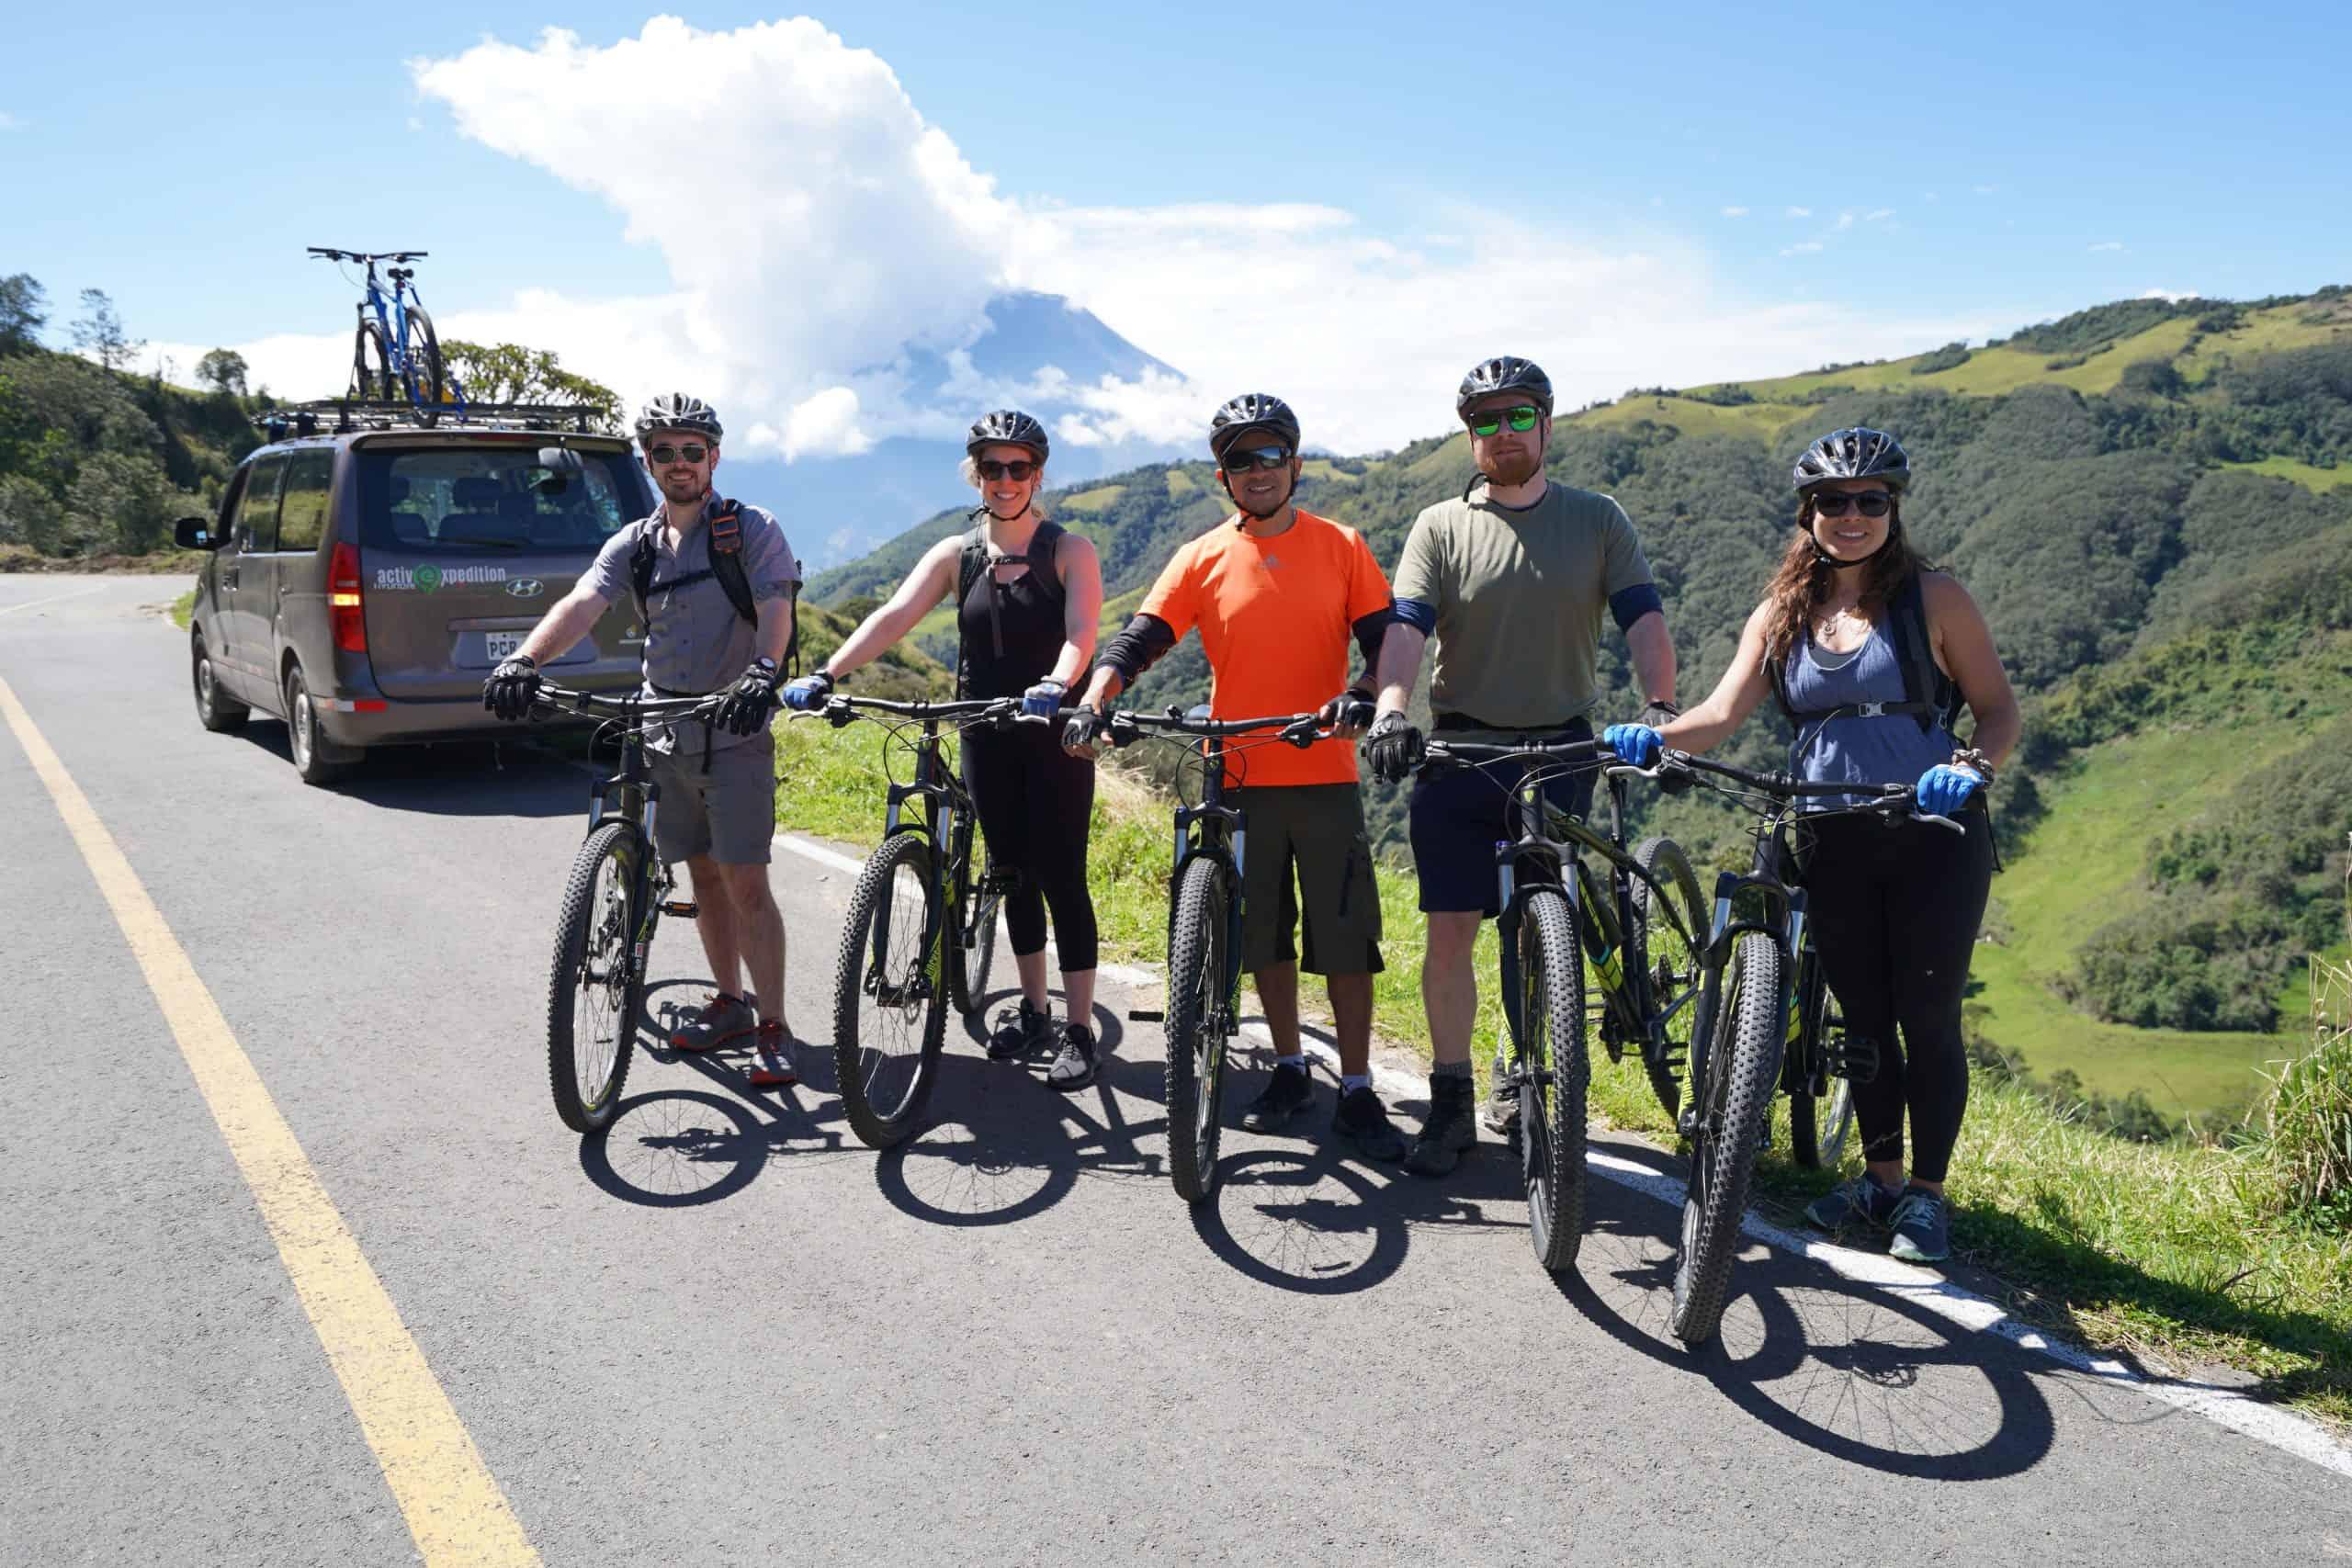 Biking Team